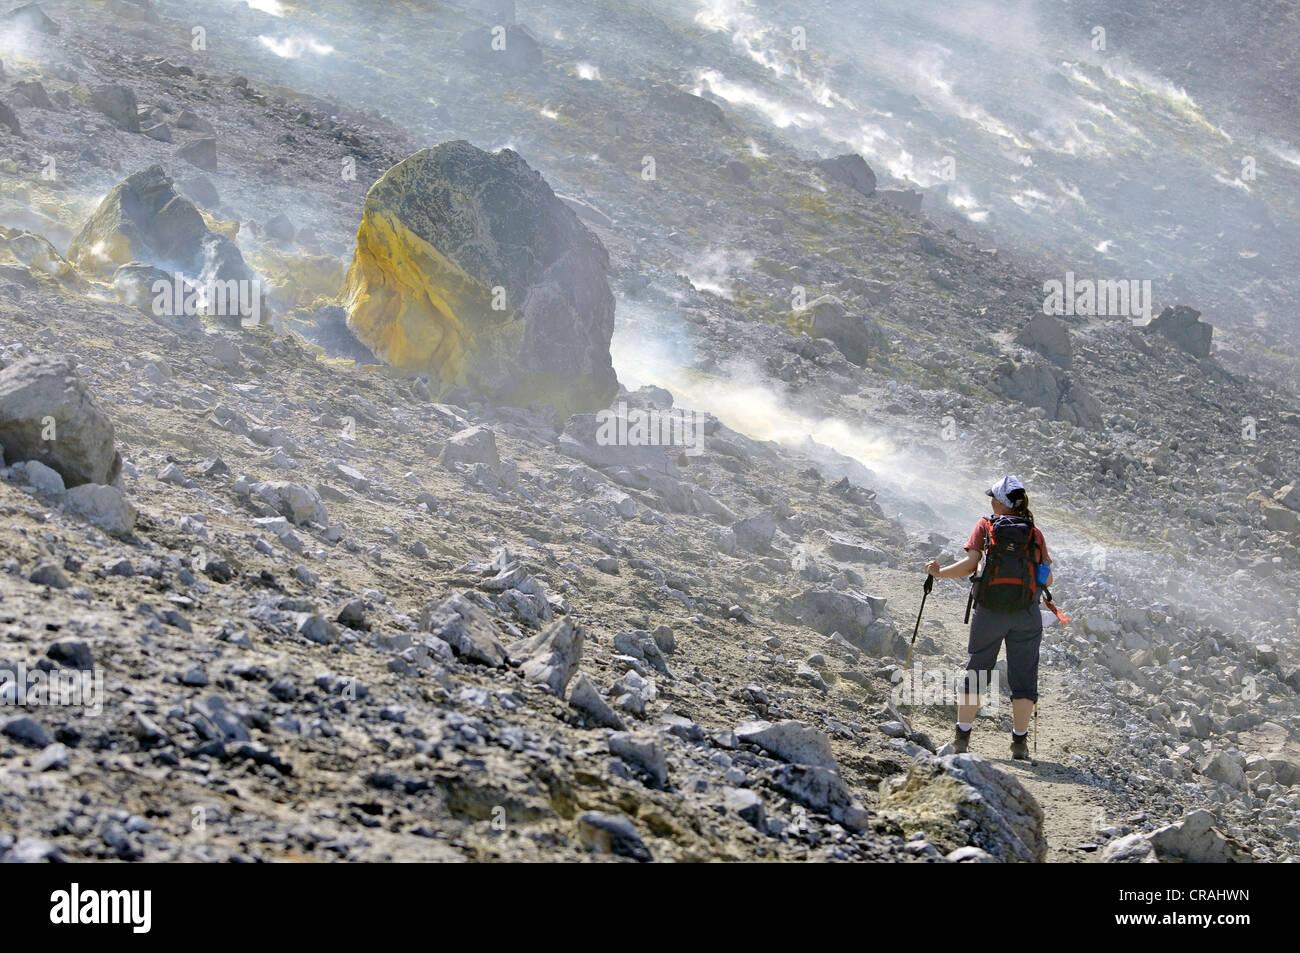 Escursionista trekking attraverso i fumi di zolfo e rocce vulcaniche, isola di Vulcano, Eolie o Lipari Isole, Sicilia, Immagini Stock